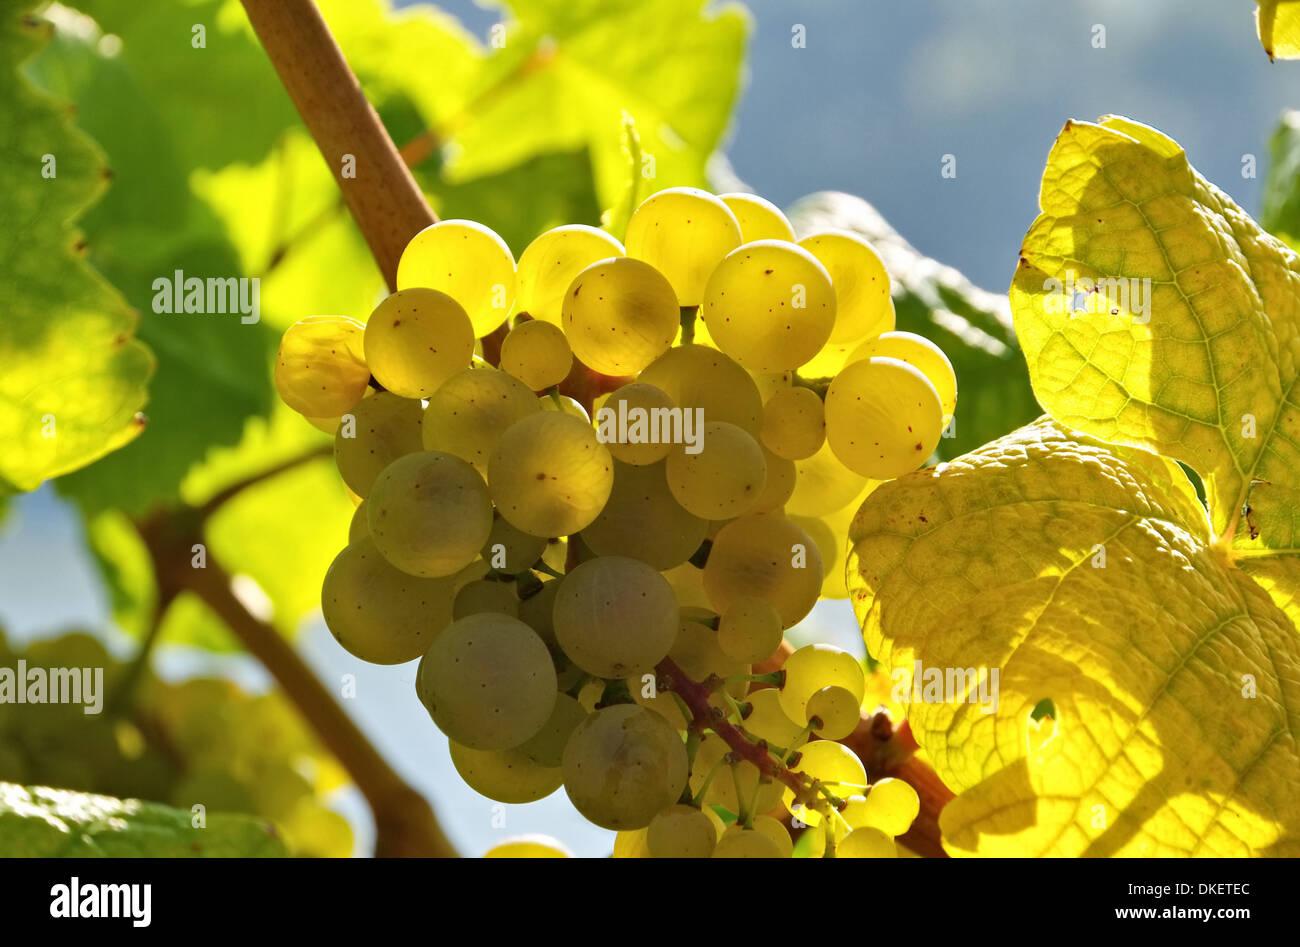 Weintraube weiss - grape white 20 Stock Photo